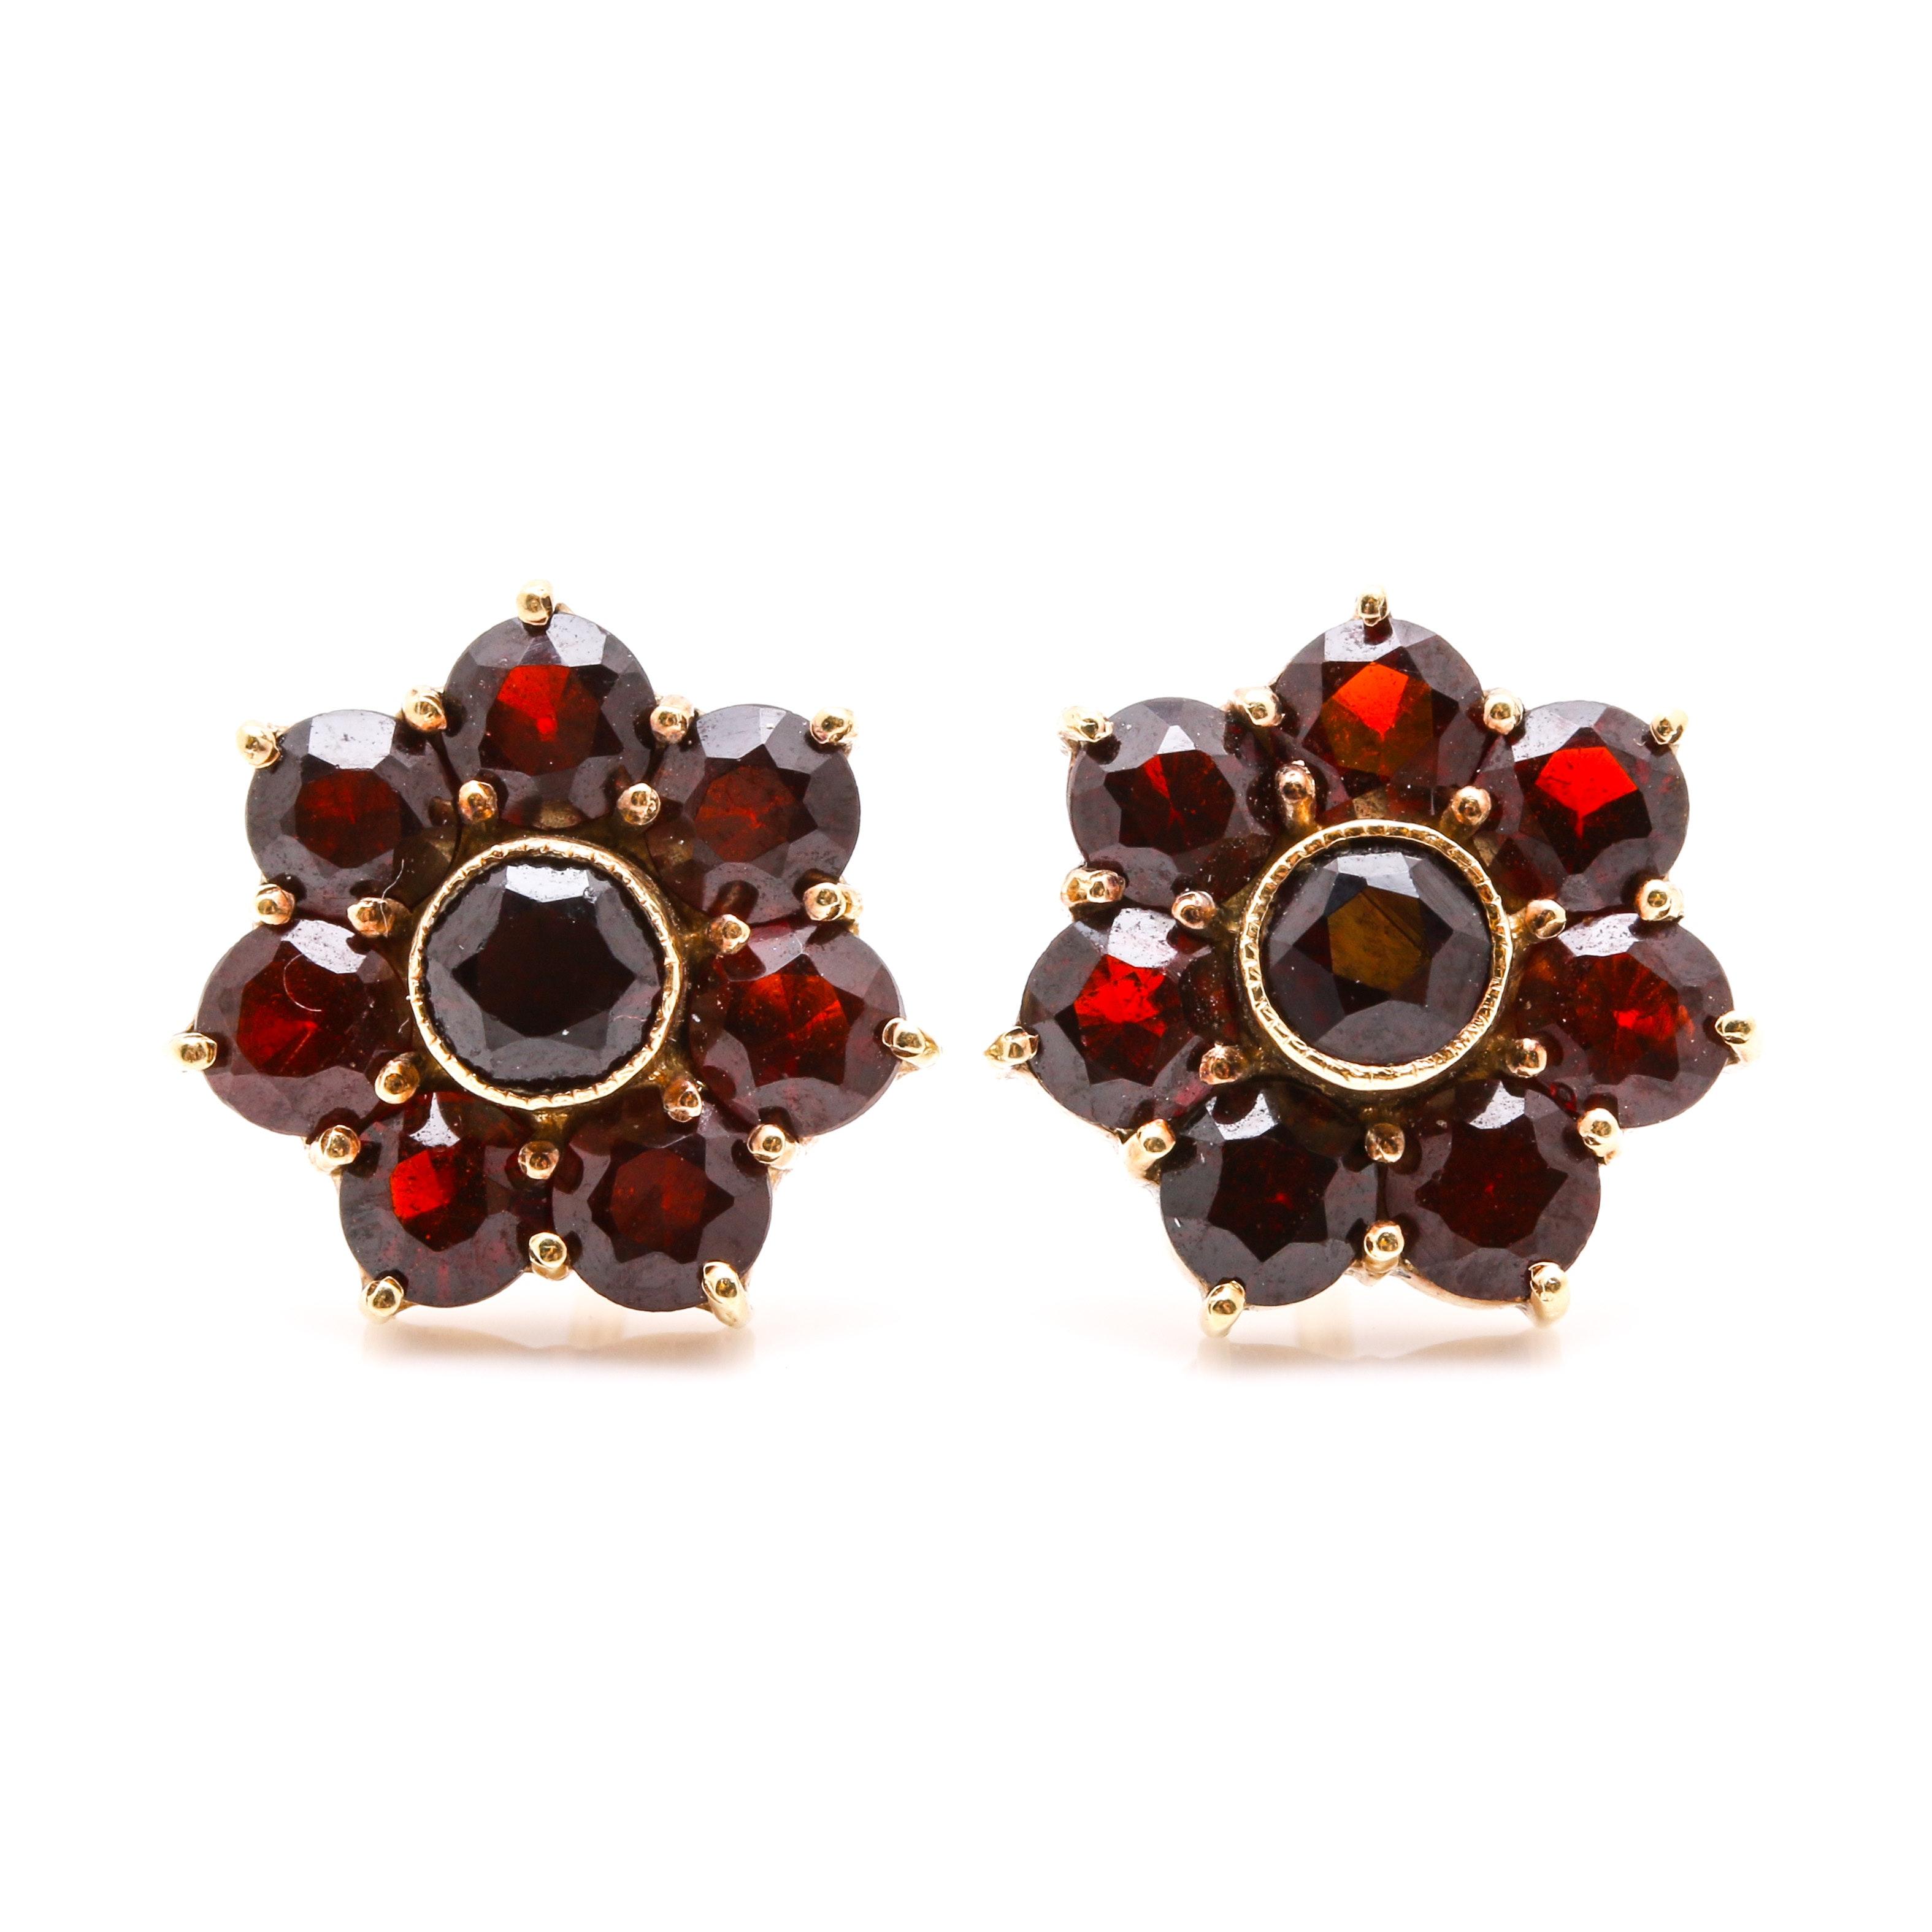 14K Yellow Gold Garnet Floral Earrings